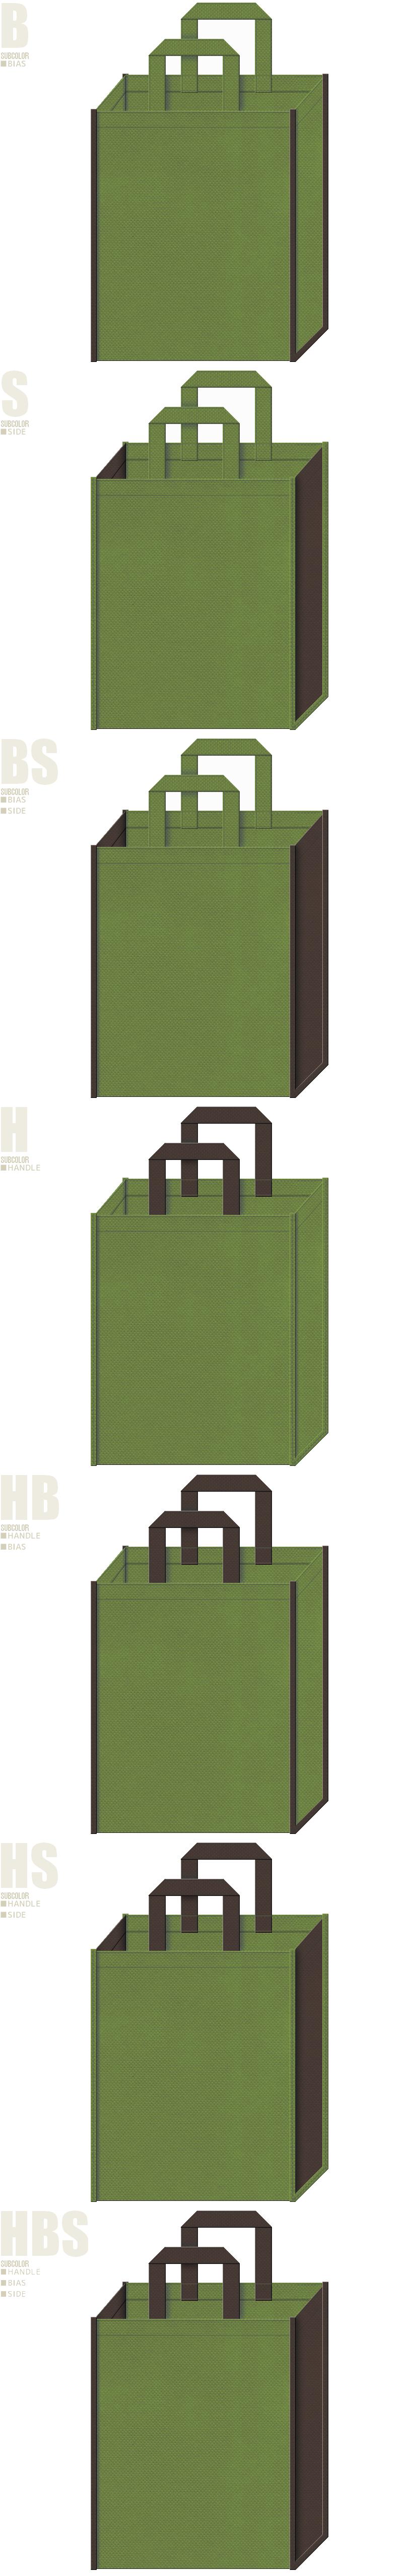 草色とこげ茶色、7パターンの不織布トートバッグ配色デザイン例。弓道・剣道用具のショッピングバッグ、お城イベント・ゲームのバッグノベルティにお奨めです。